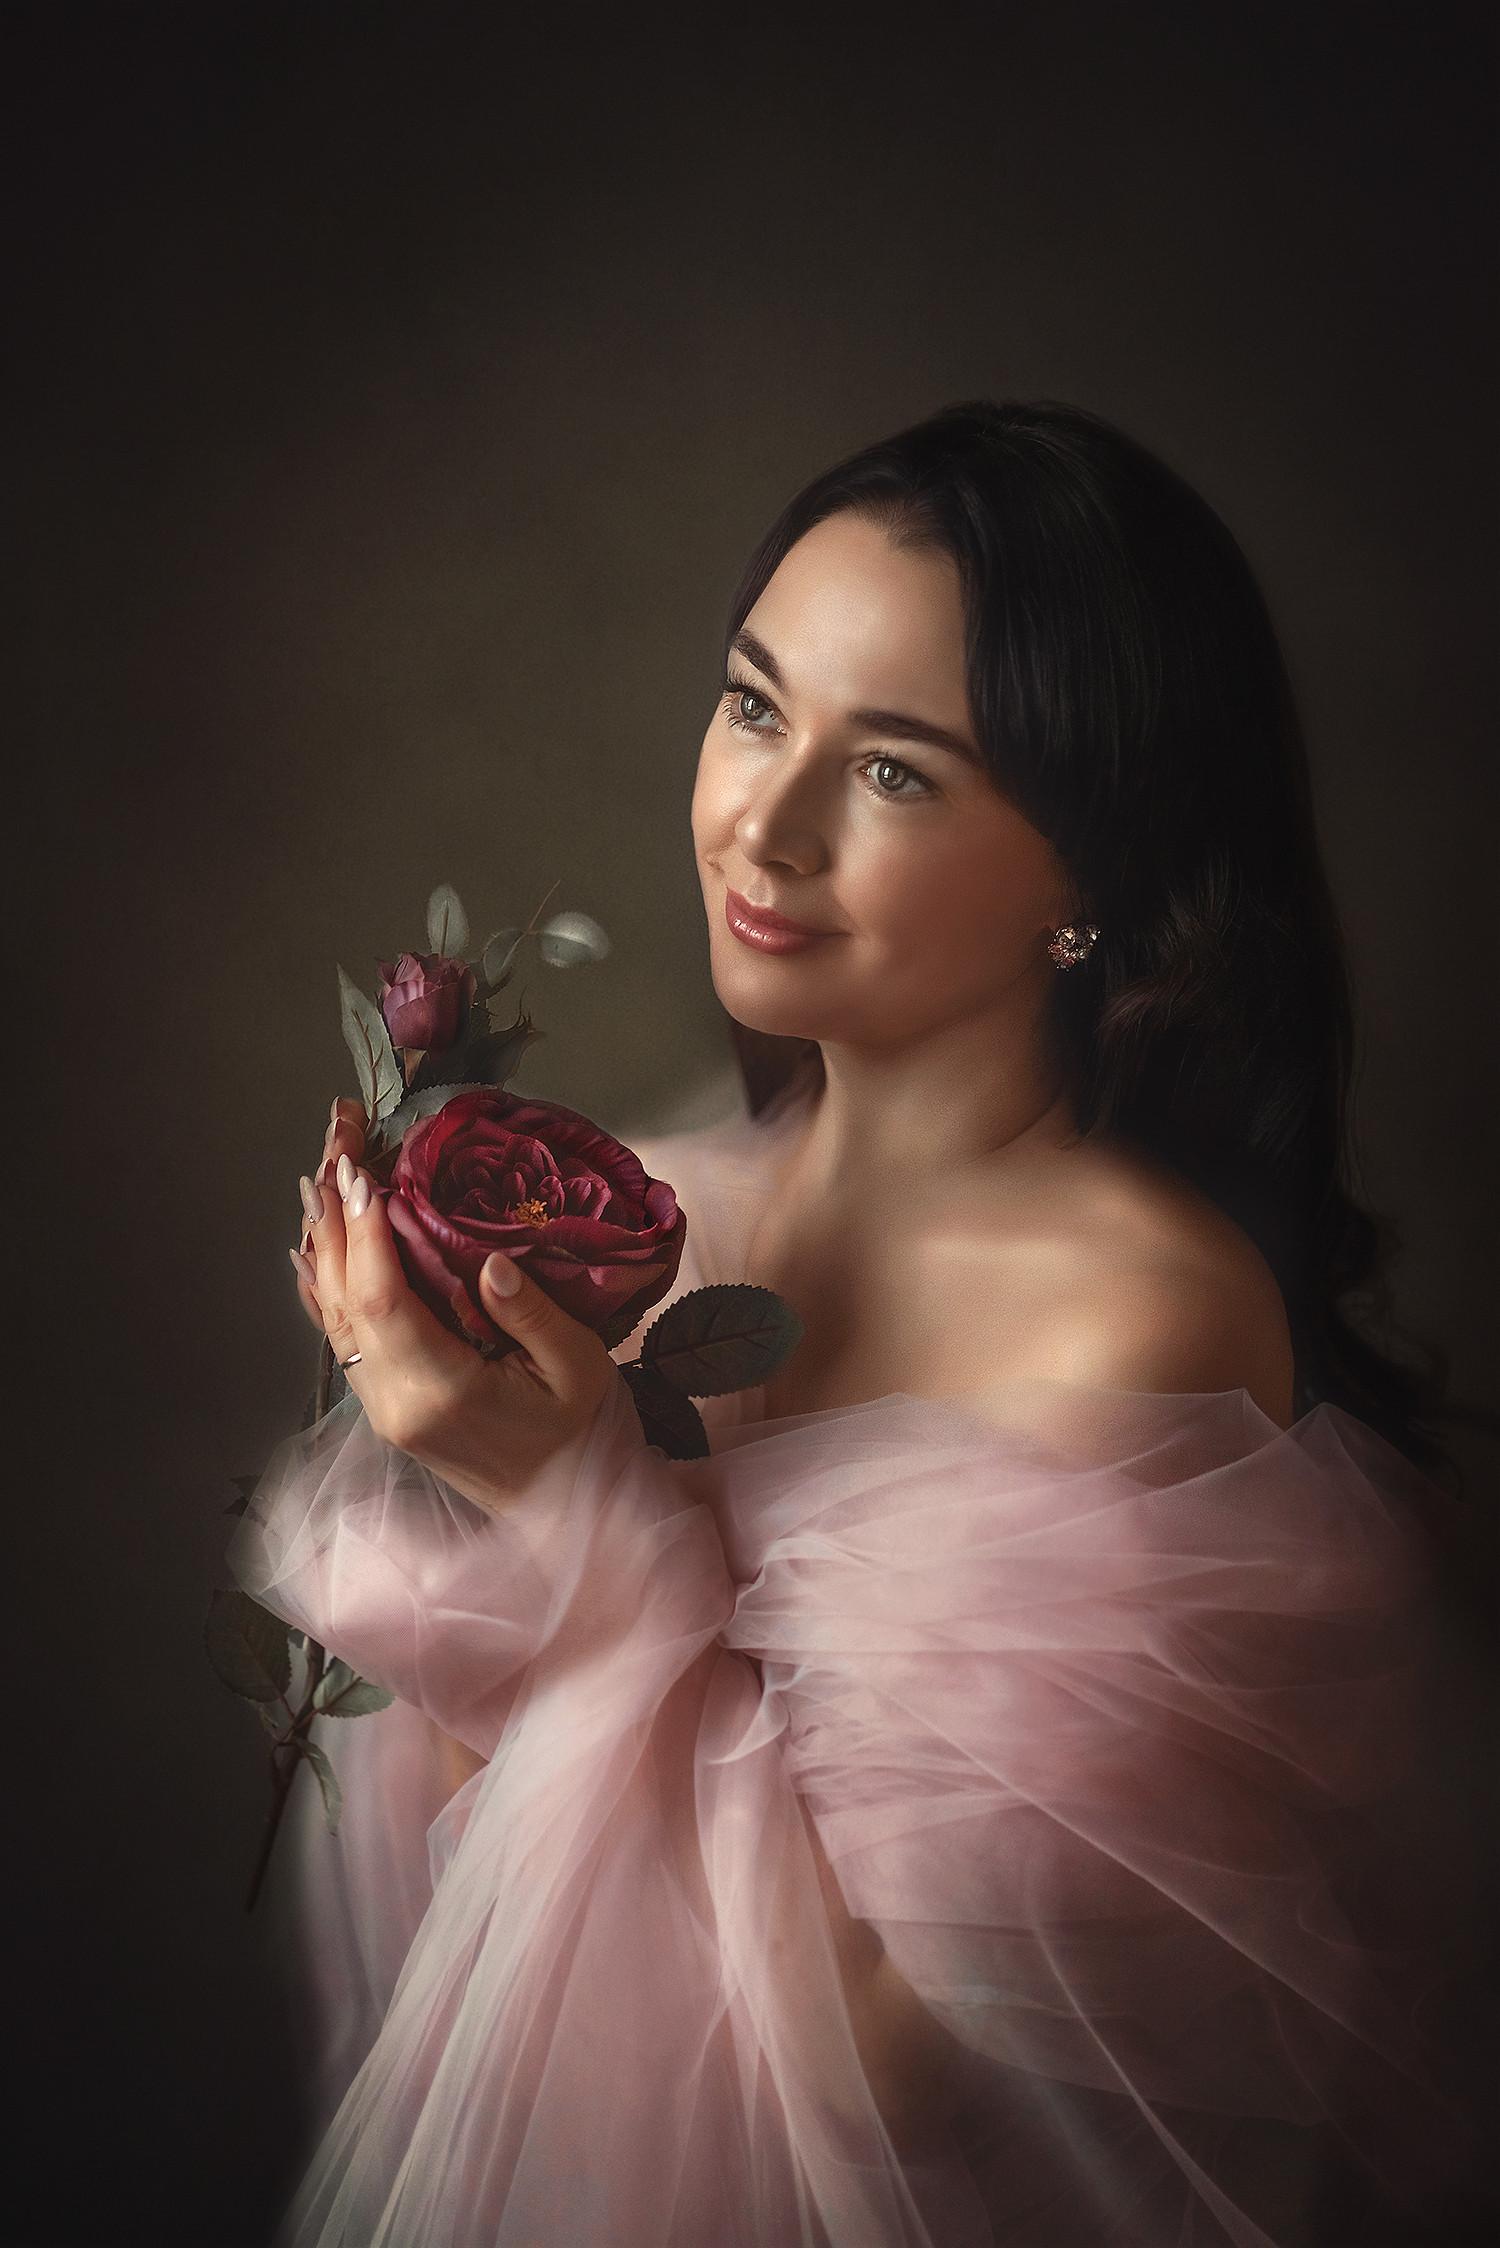 ведь современные фотографы портретисты узбекистана дает возможность